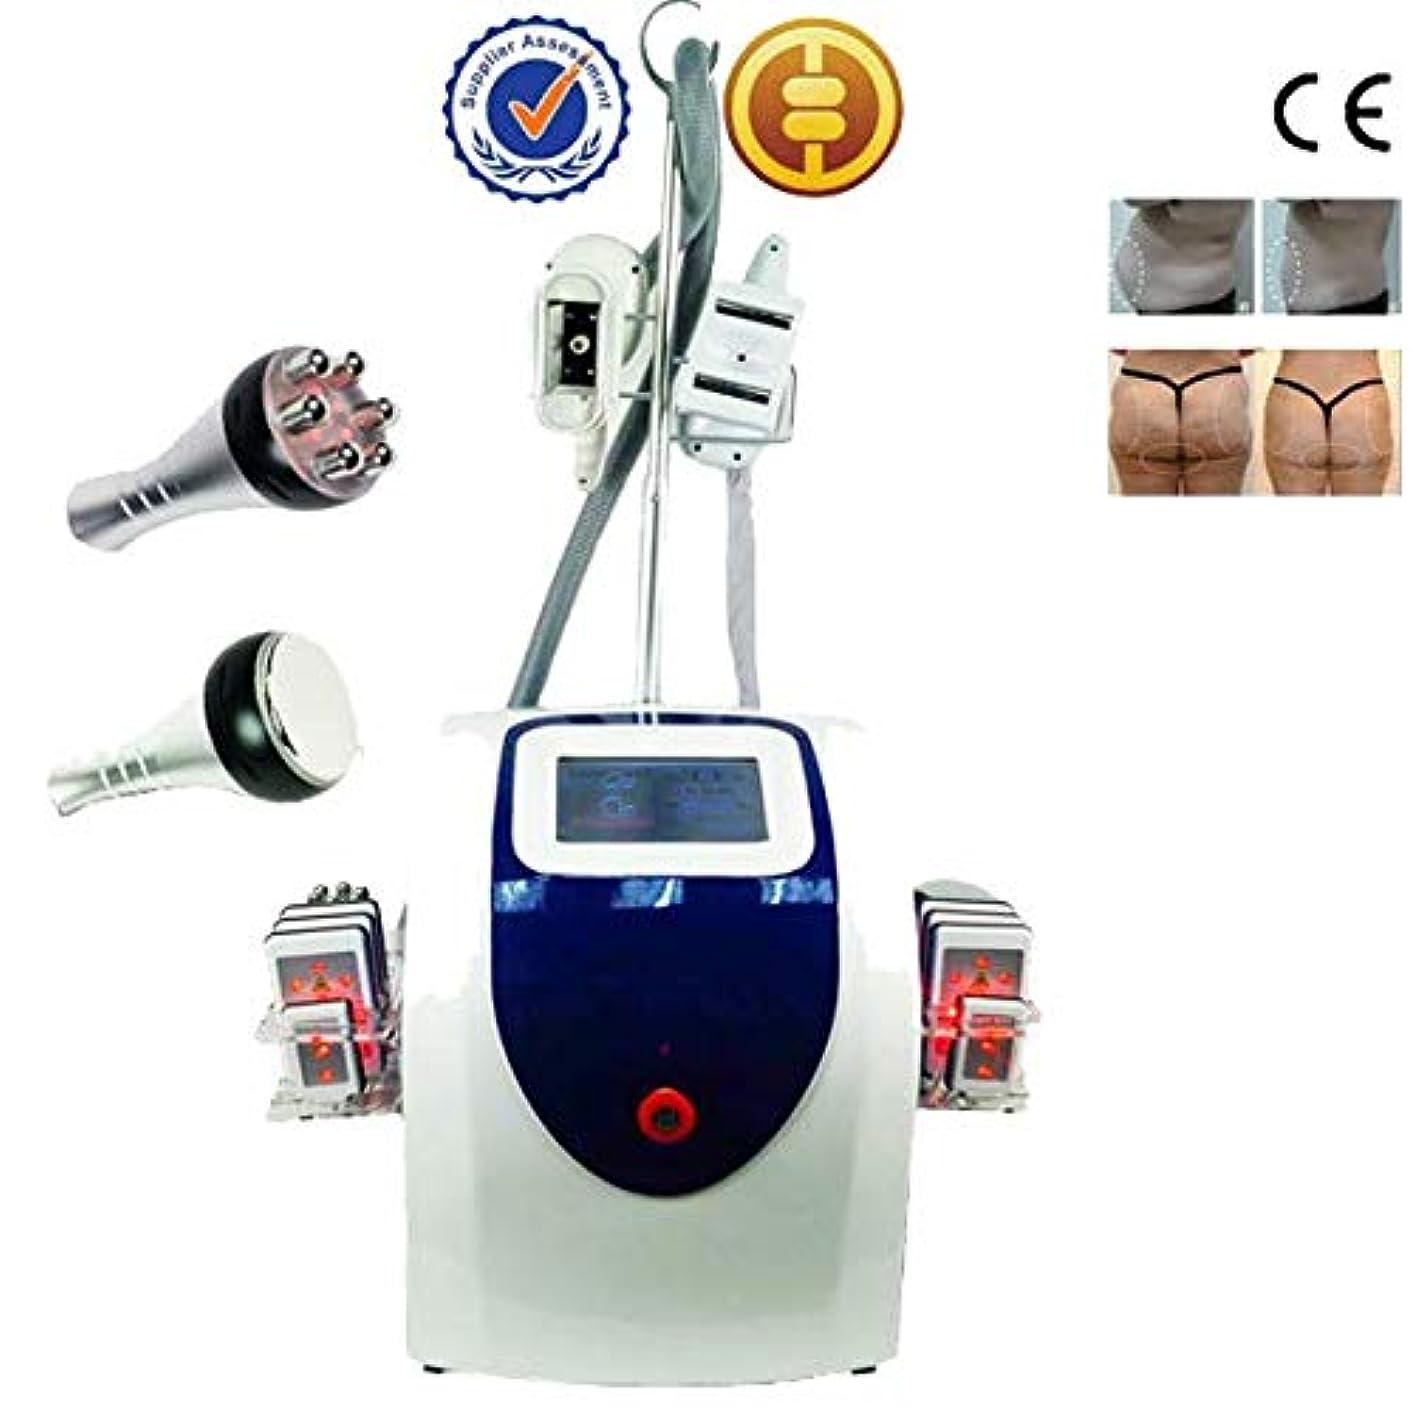 結核貞コンデンサーシルクフローズンRF 業務用脂肪冷却痩身マシン セルライトローラー キャビテーション ラジオ波